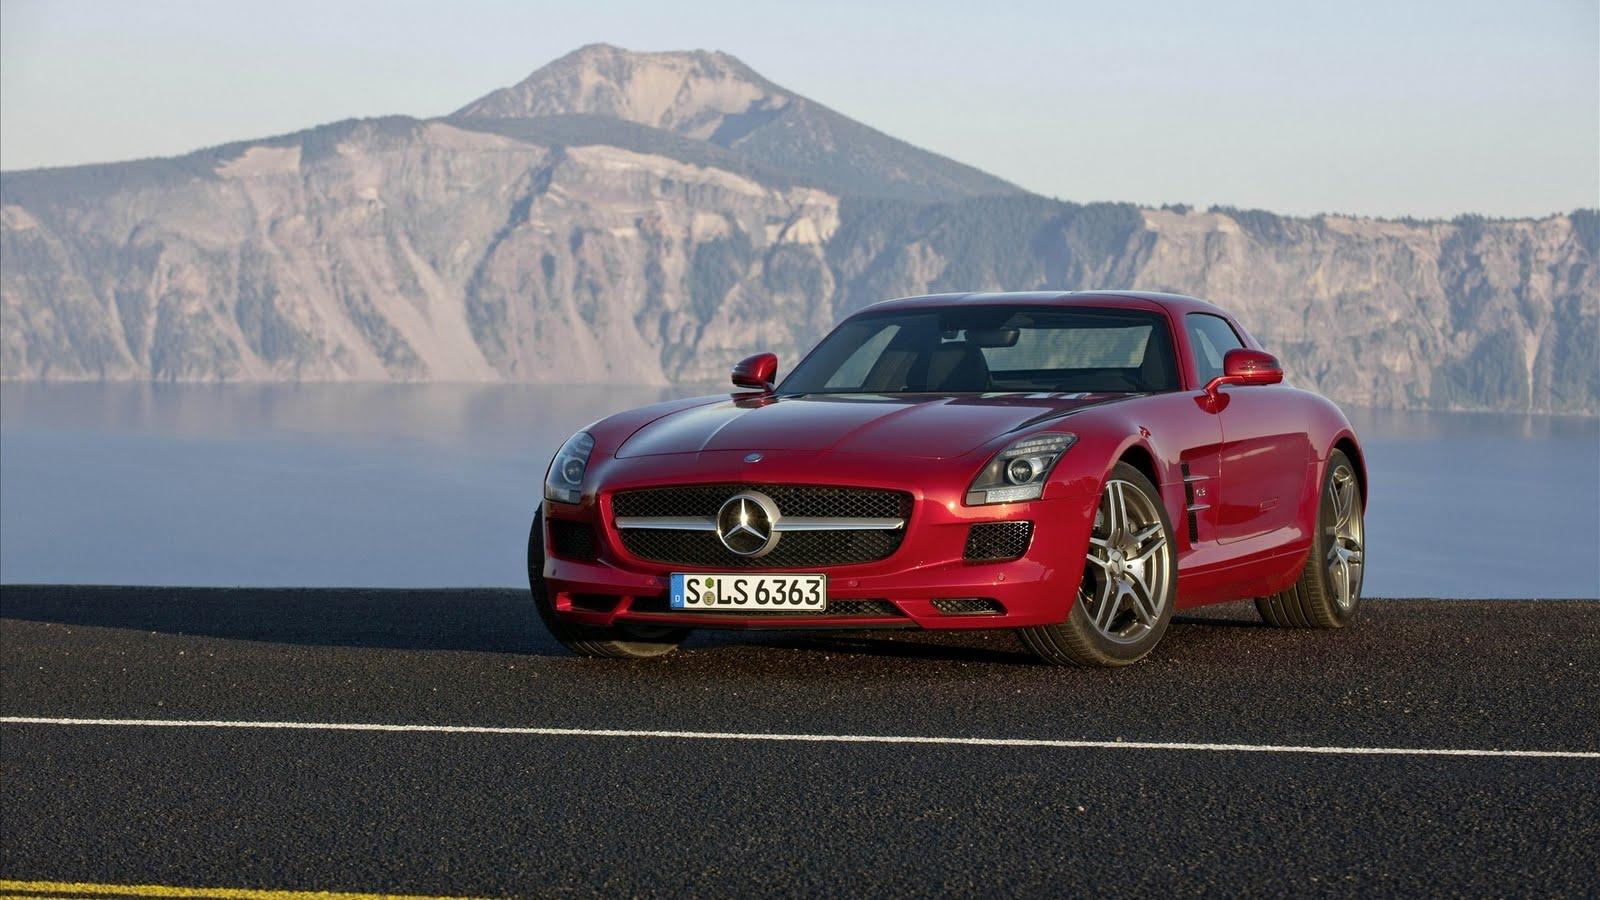 http://2.bp.blogspot.com/-oVnMN6AT56M/TWpqongnQUI/AAAAAAAAATQ/YM4-W-ERgEA/s1600/Red-BMW-Car-Wallpaper-1920x1080.jpg